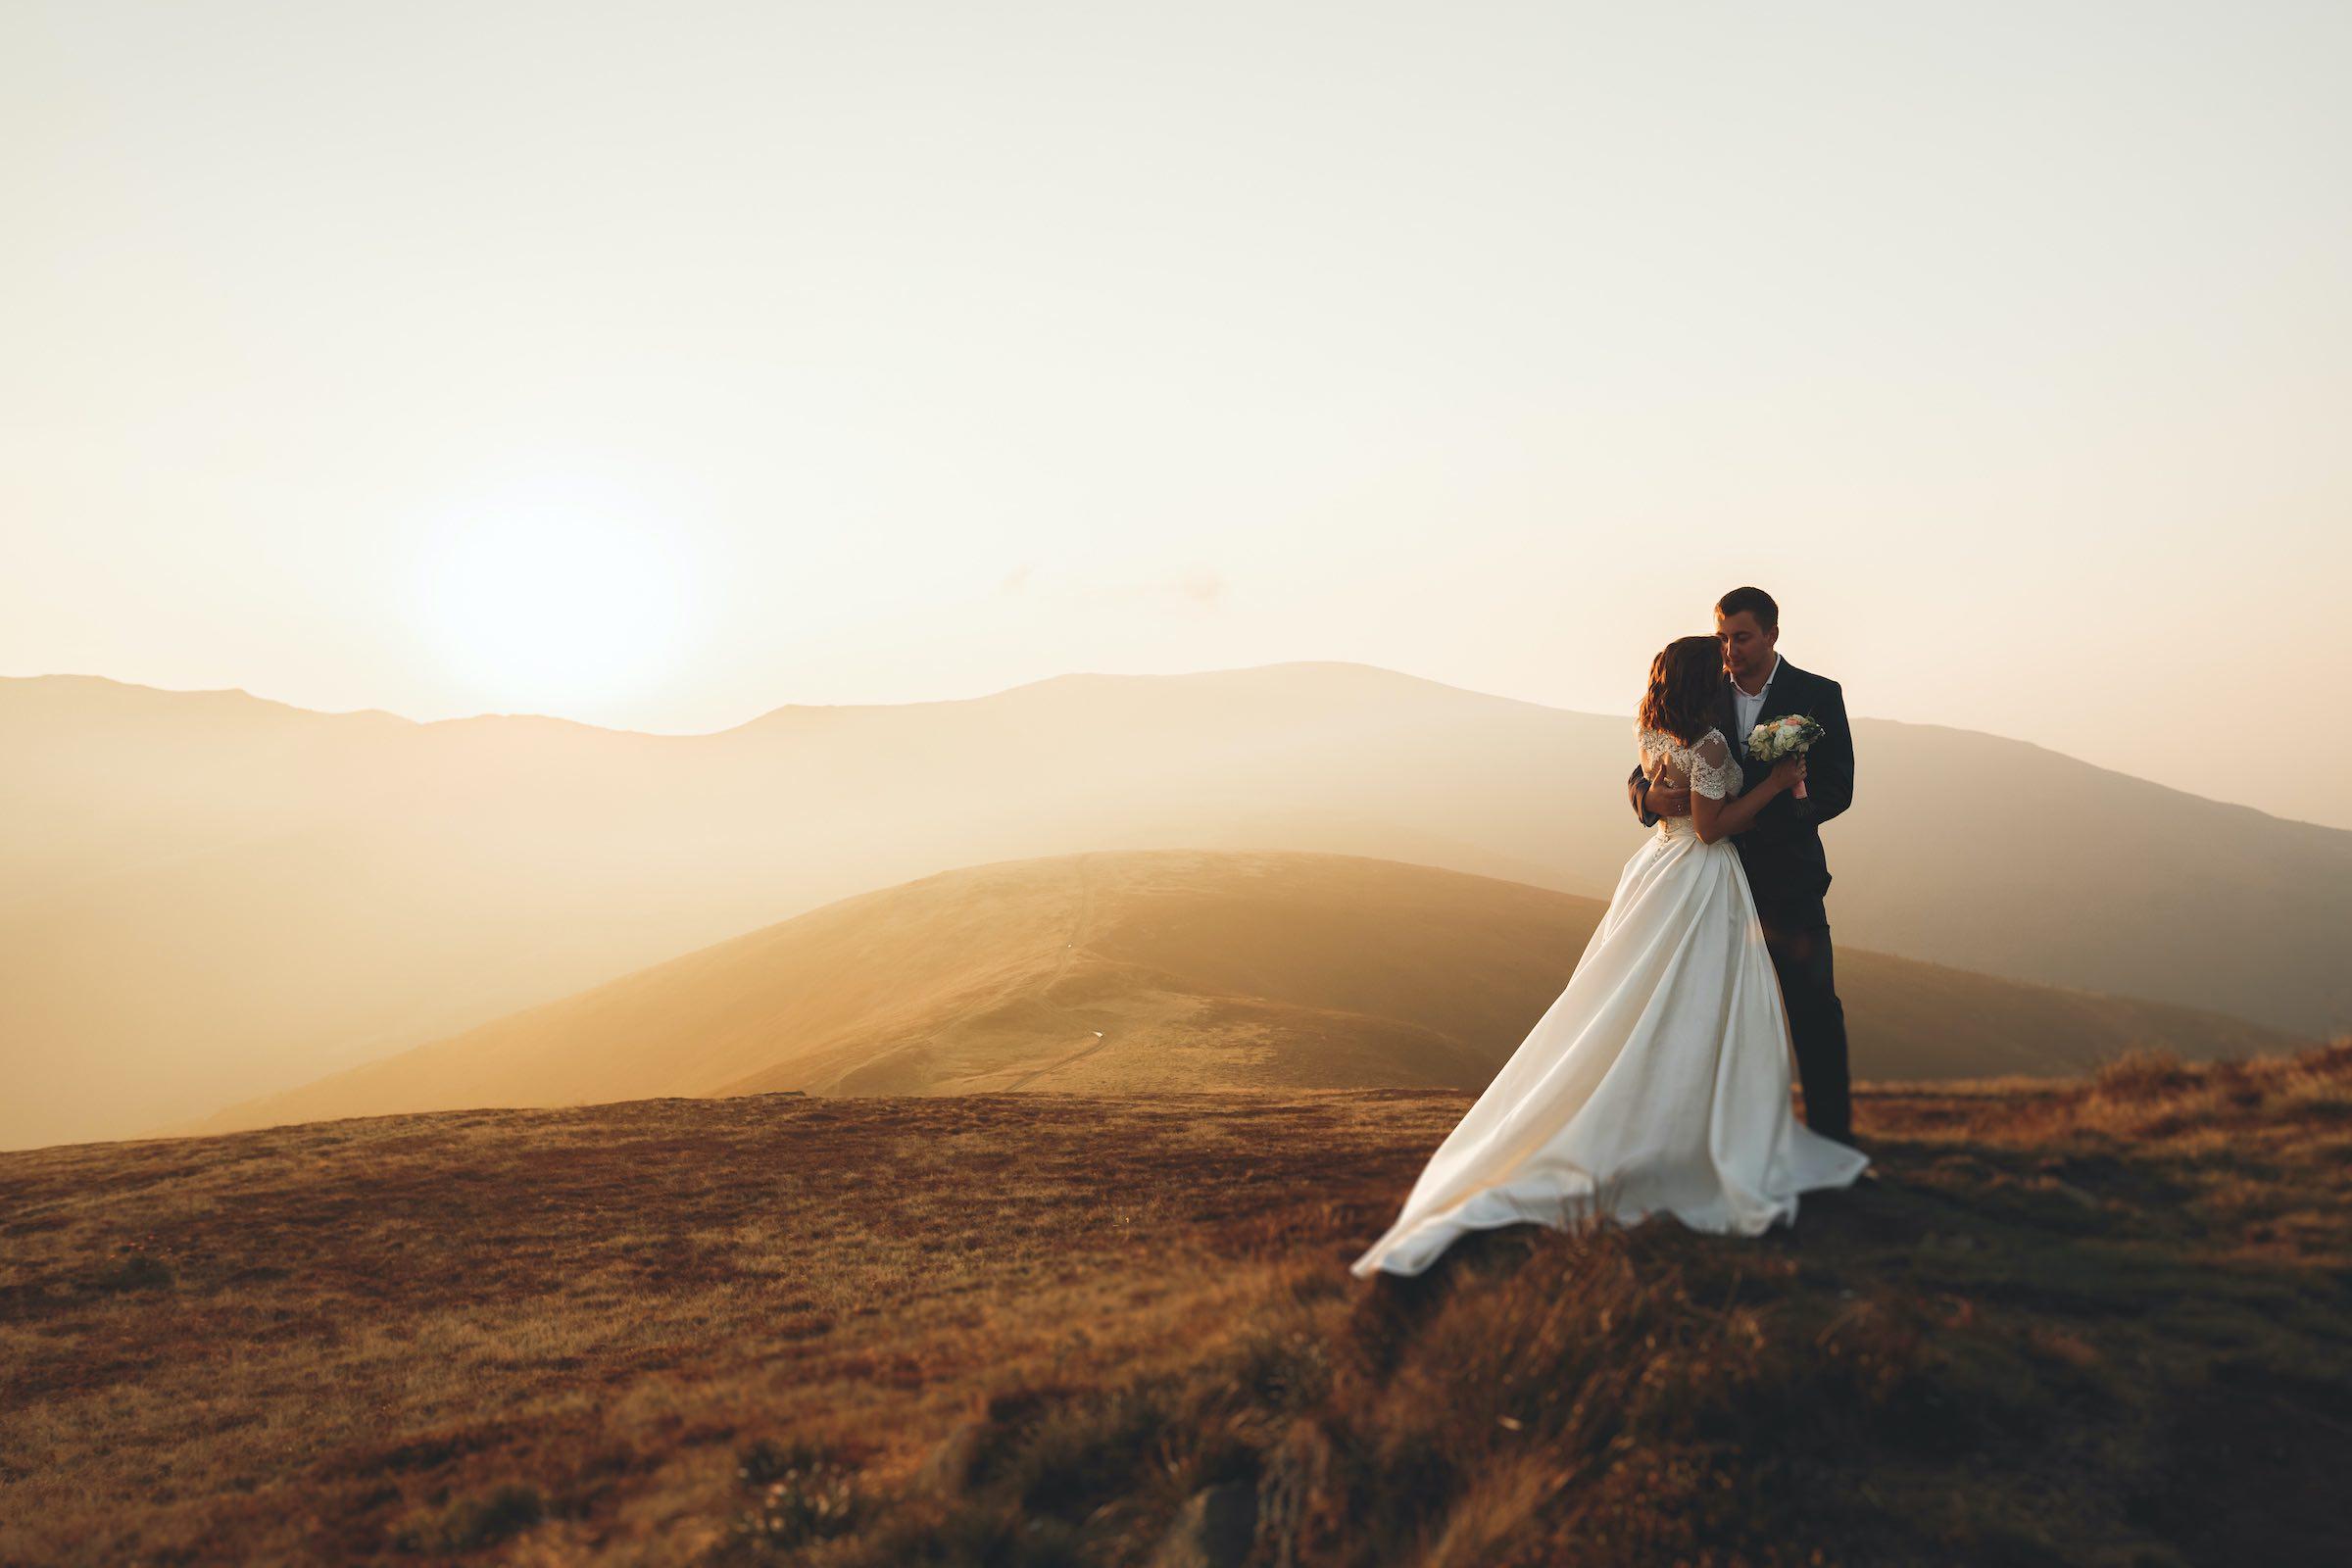 Fotograf |Hochzeit |Hildesheim |Hameln |Hannover |Celle |Peine |Fotograf |Braunschweig |Hochzeit |Hochzeitsfotografie |Hochzeitsreportage |Fotografie |Mieten |Buchen |Lehmann |Eventservice